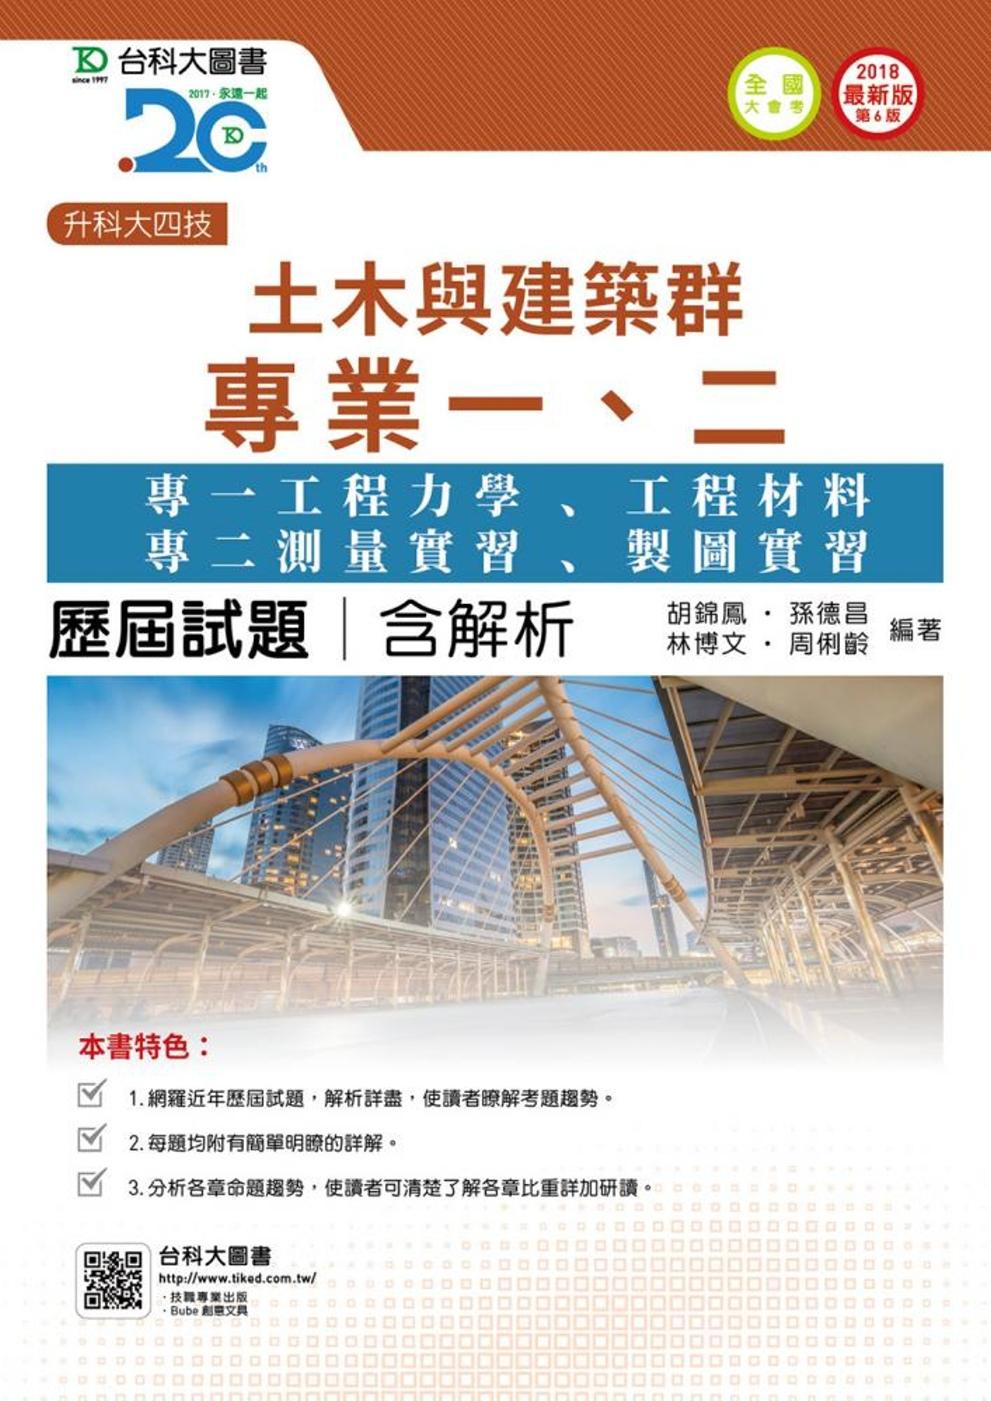 升科大四技土木與建築群歷屆試題(專一工程力學、工程材料、專二測量實習、製圖實習)含解析 - 2018年最新版(第六版)